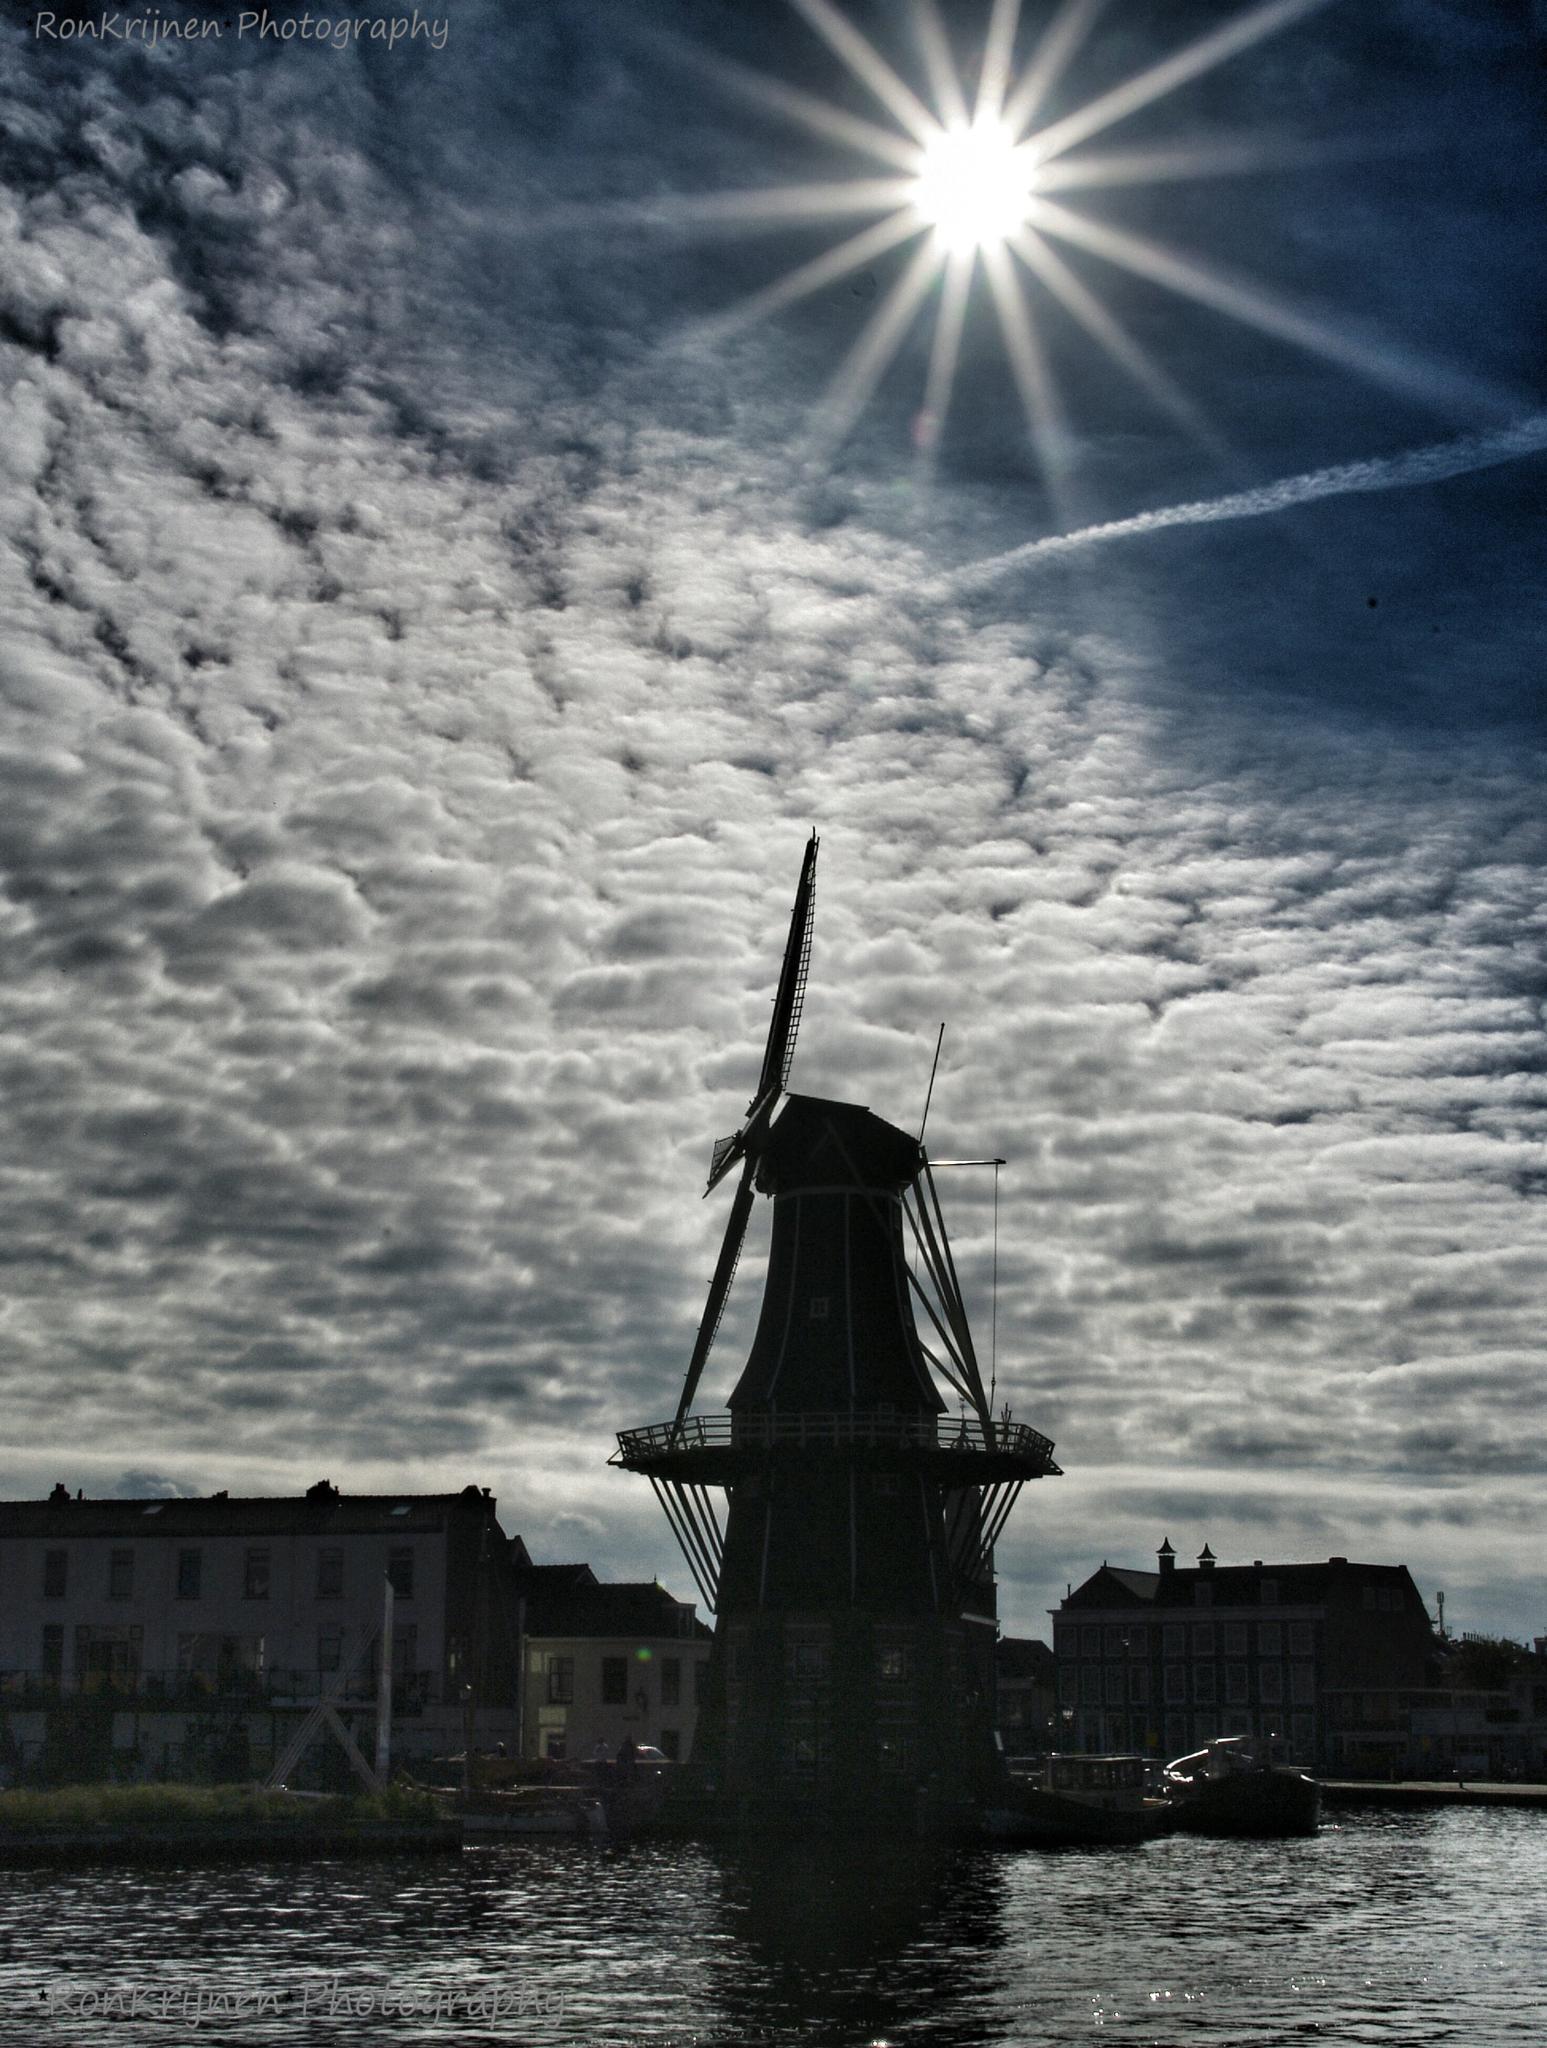 Mill de Adriaan Haarlem by ron.krijnen